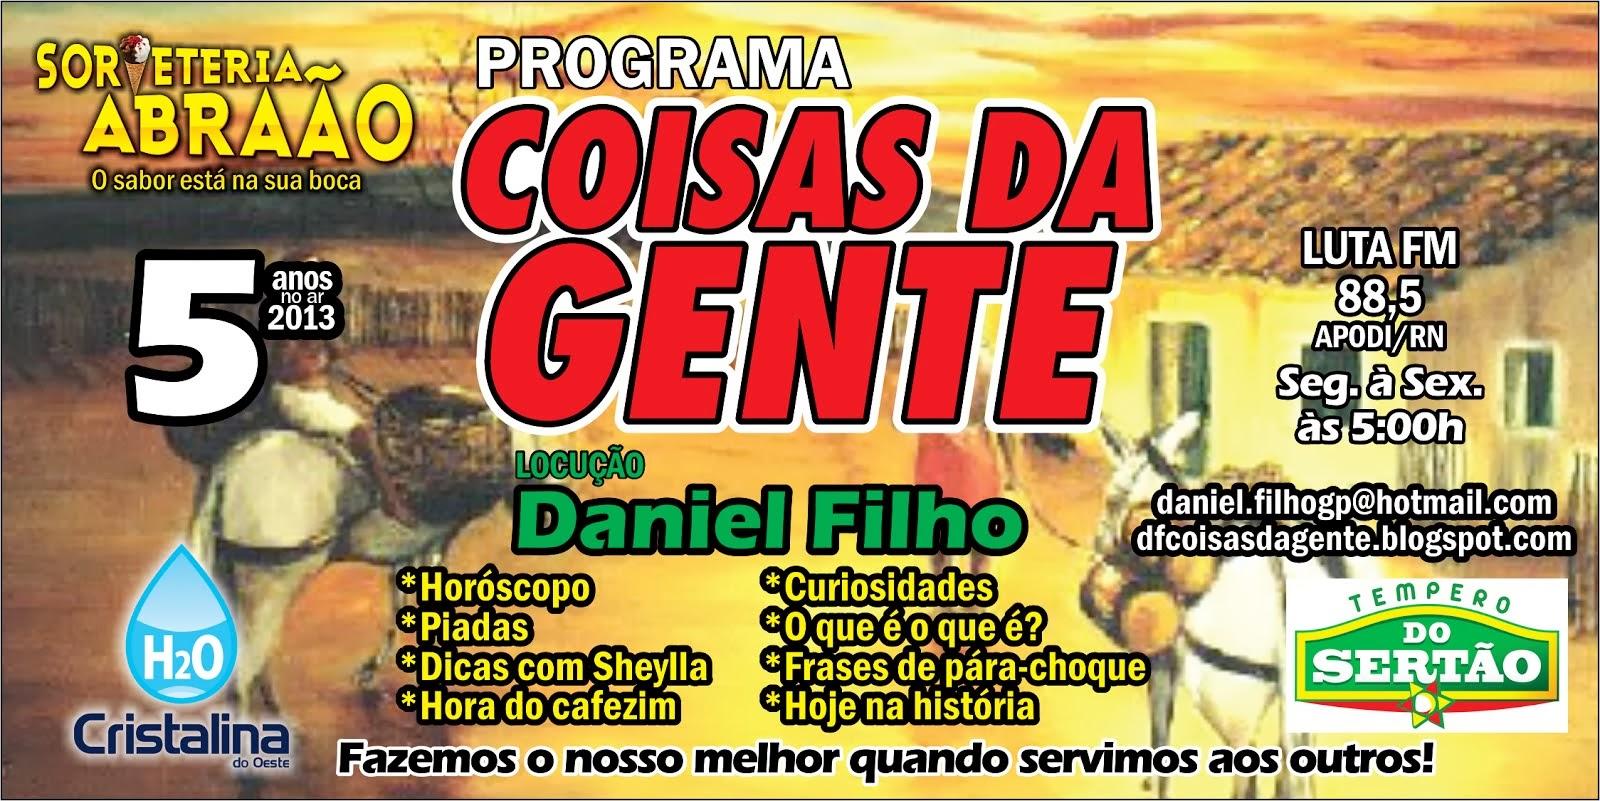 5 ANOS DO PROGRAMA COISAS DA GENTE NA LUTA FM DE APODI/RN AS 05:00 HORAS